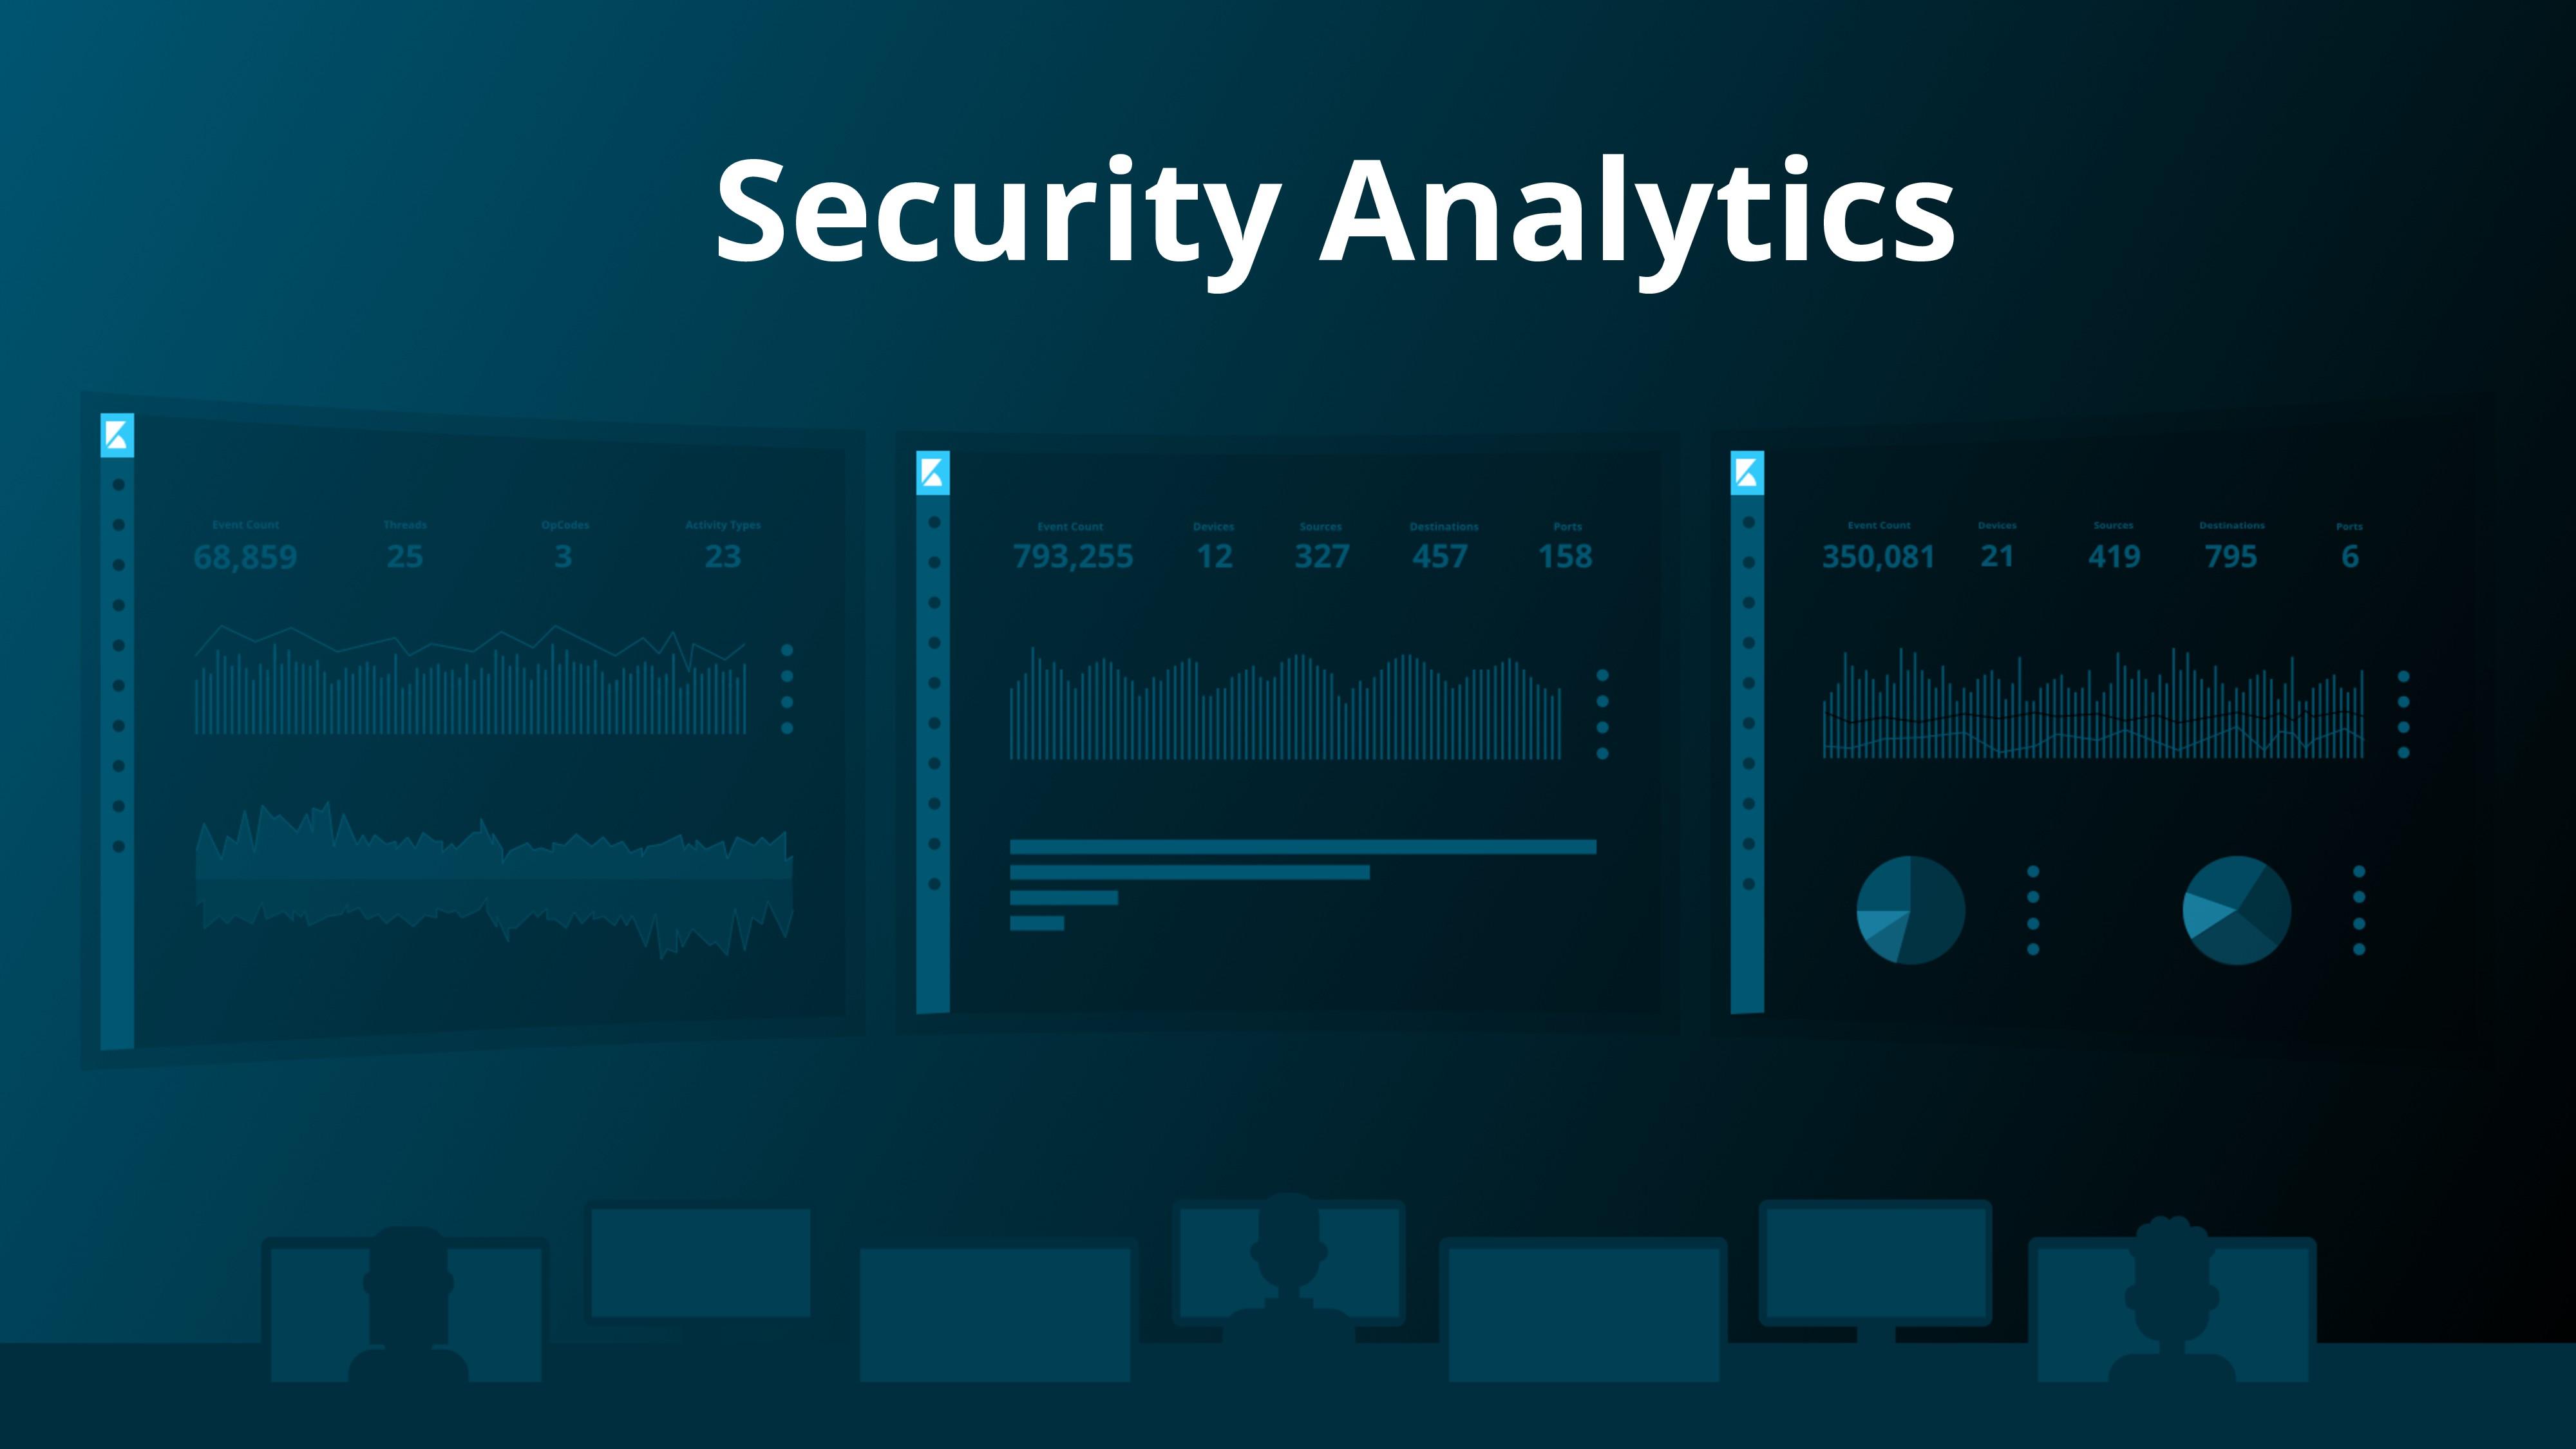 Security Analytics